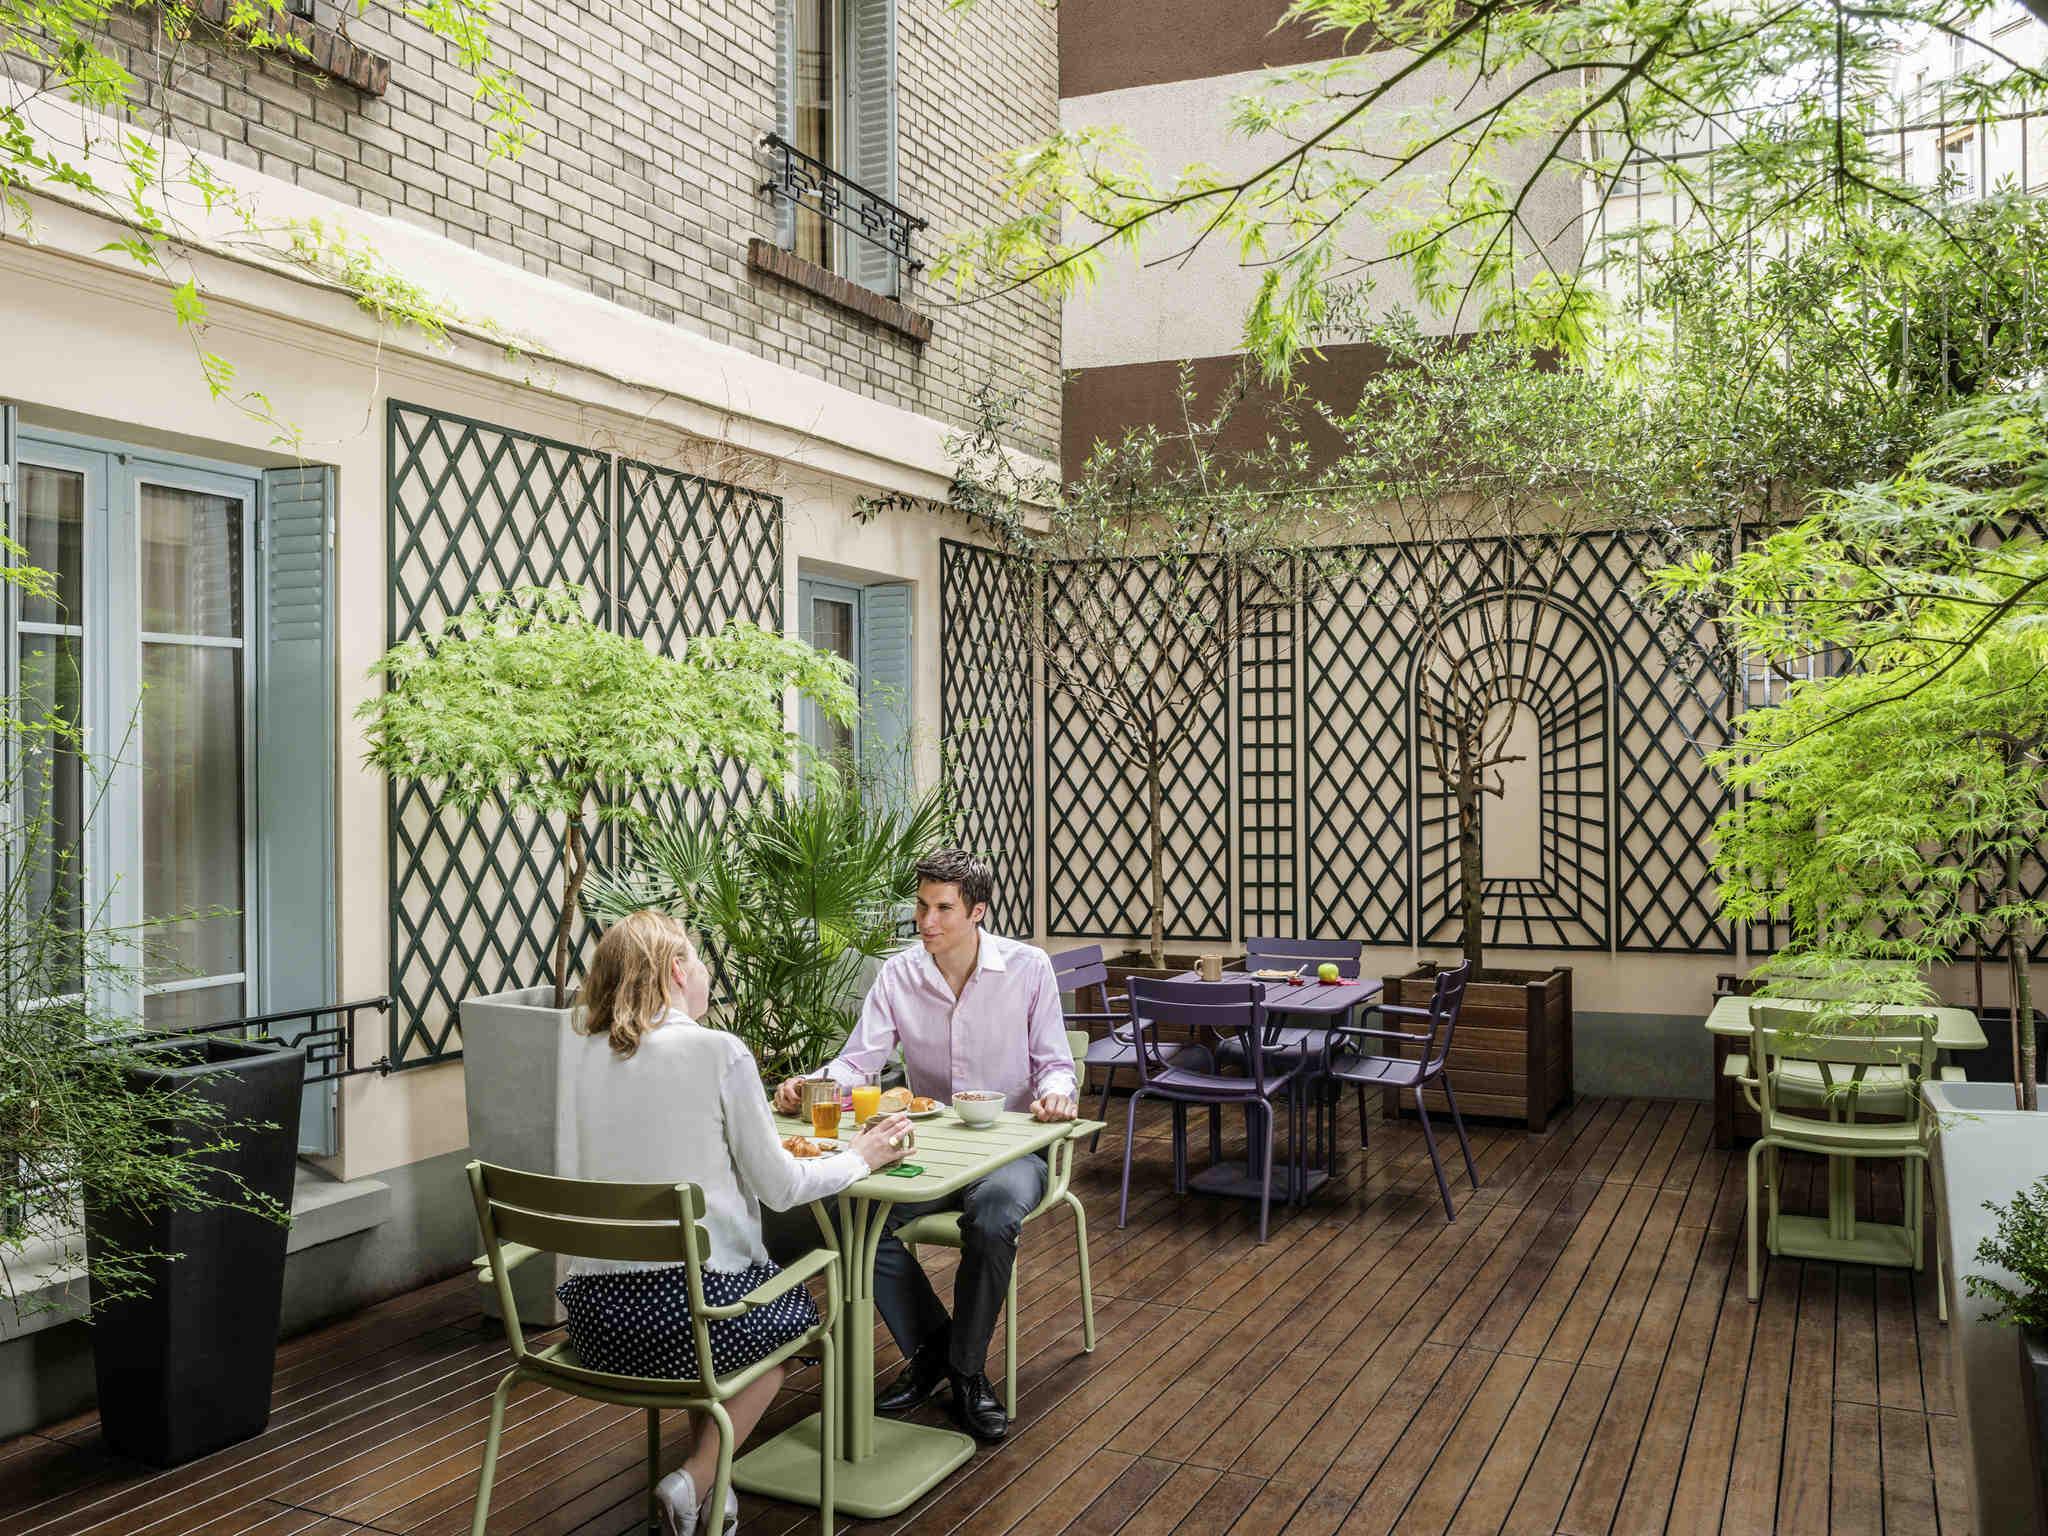 Hotel – Hotel de apartamentos Adagio access Philippe Auguste